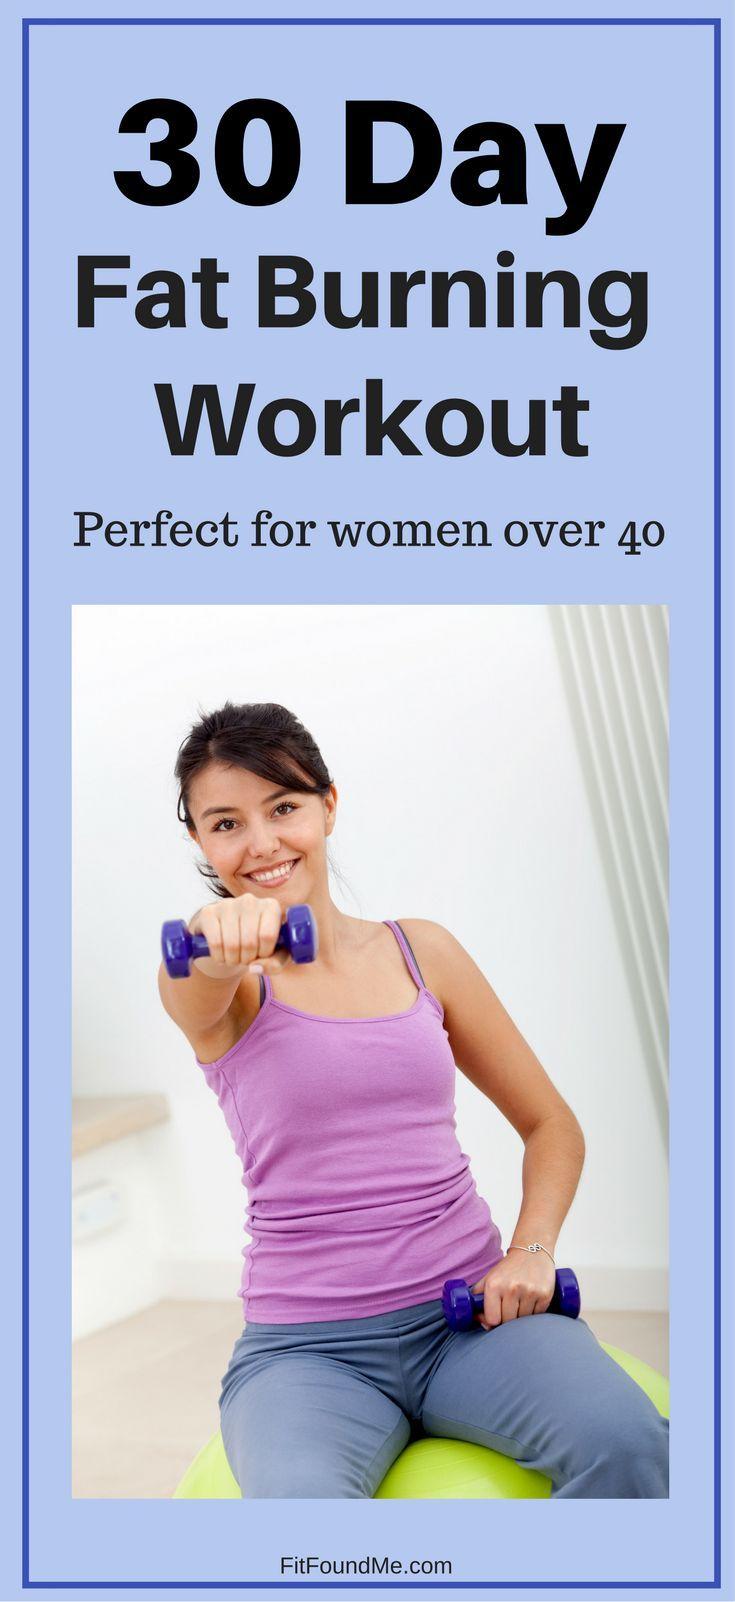 rapid fat loss handbook version 2 pdf